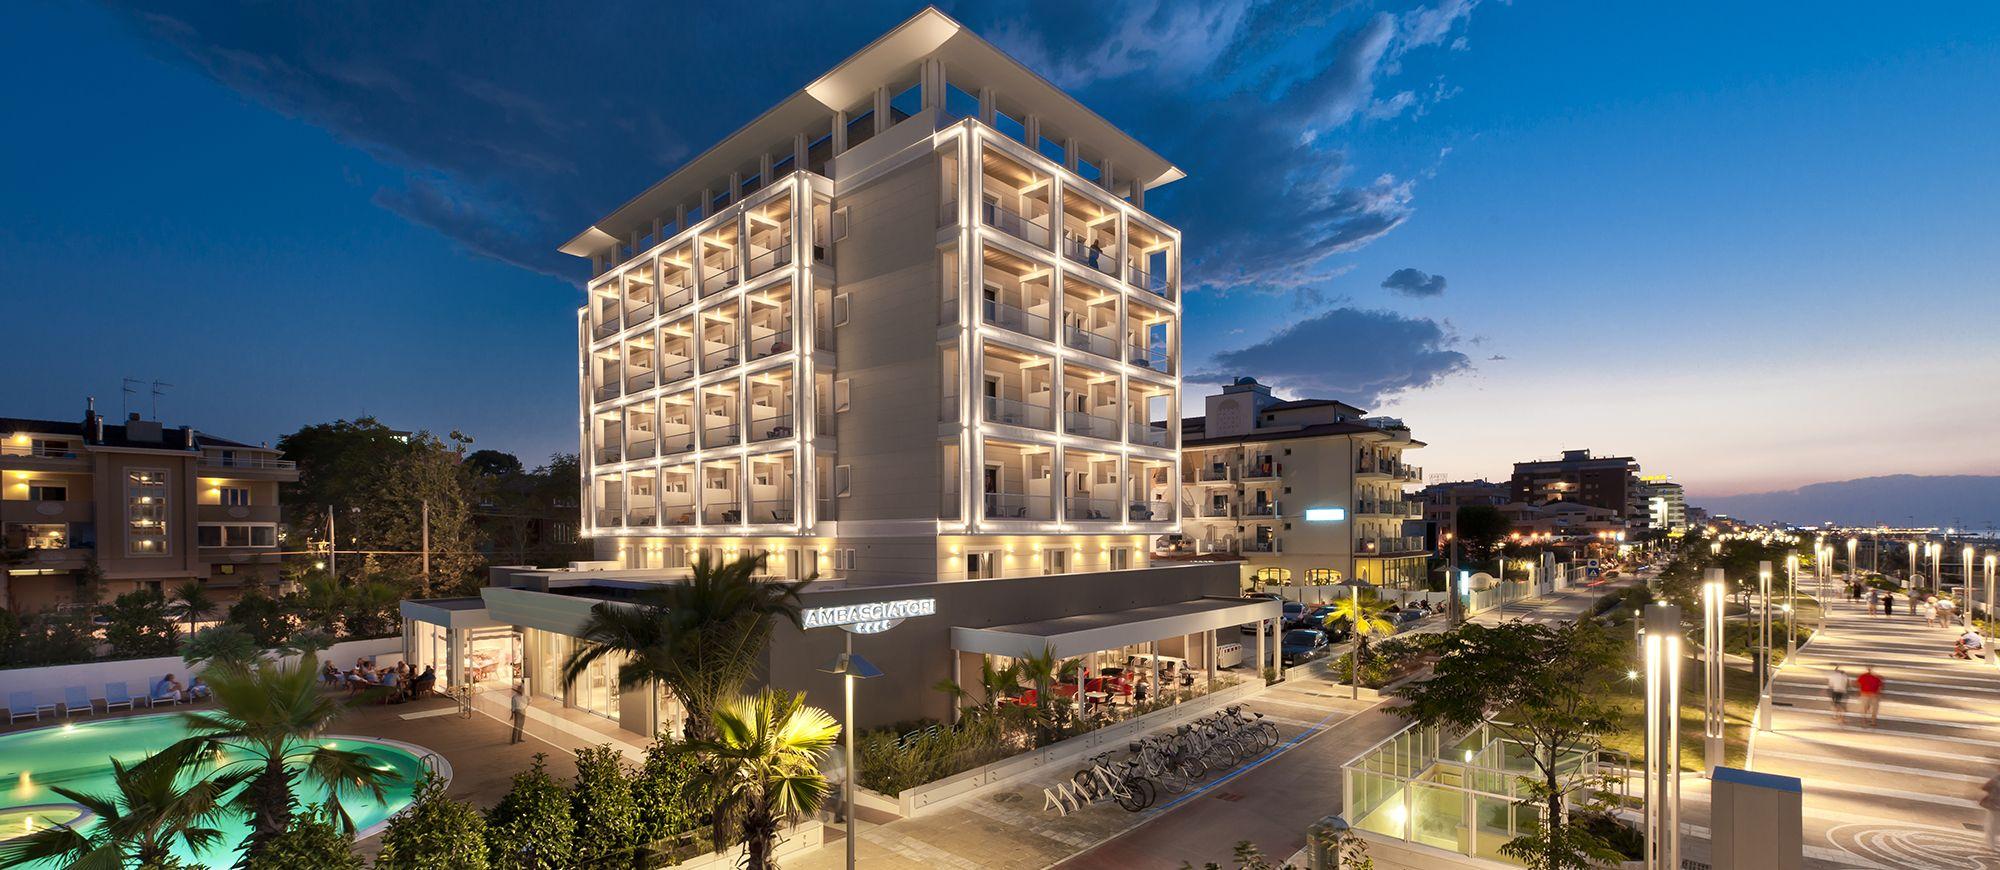 Sterne Hotel Rimini